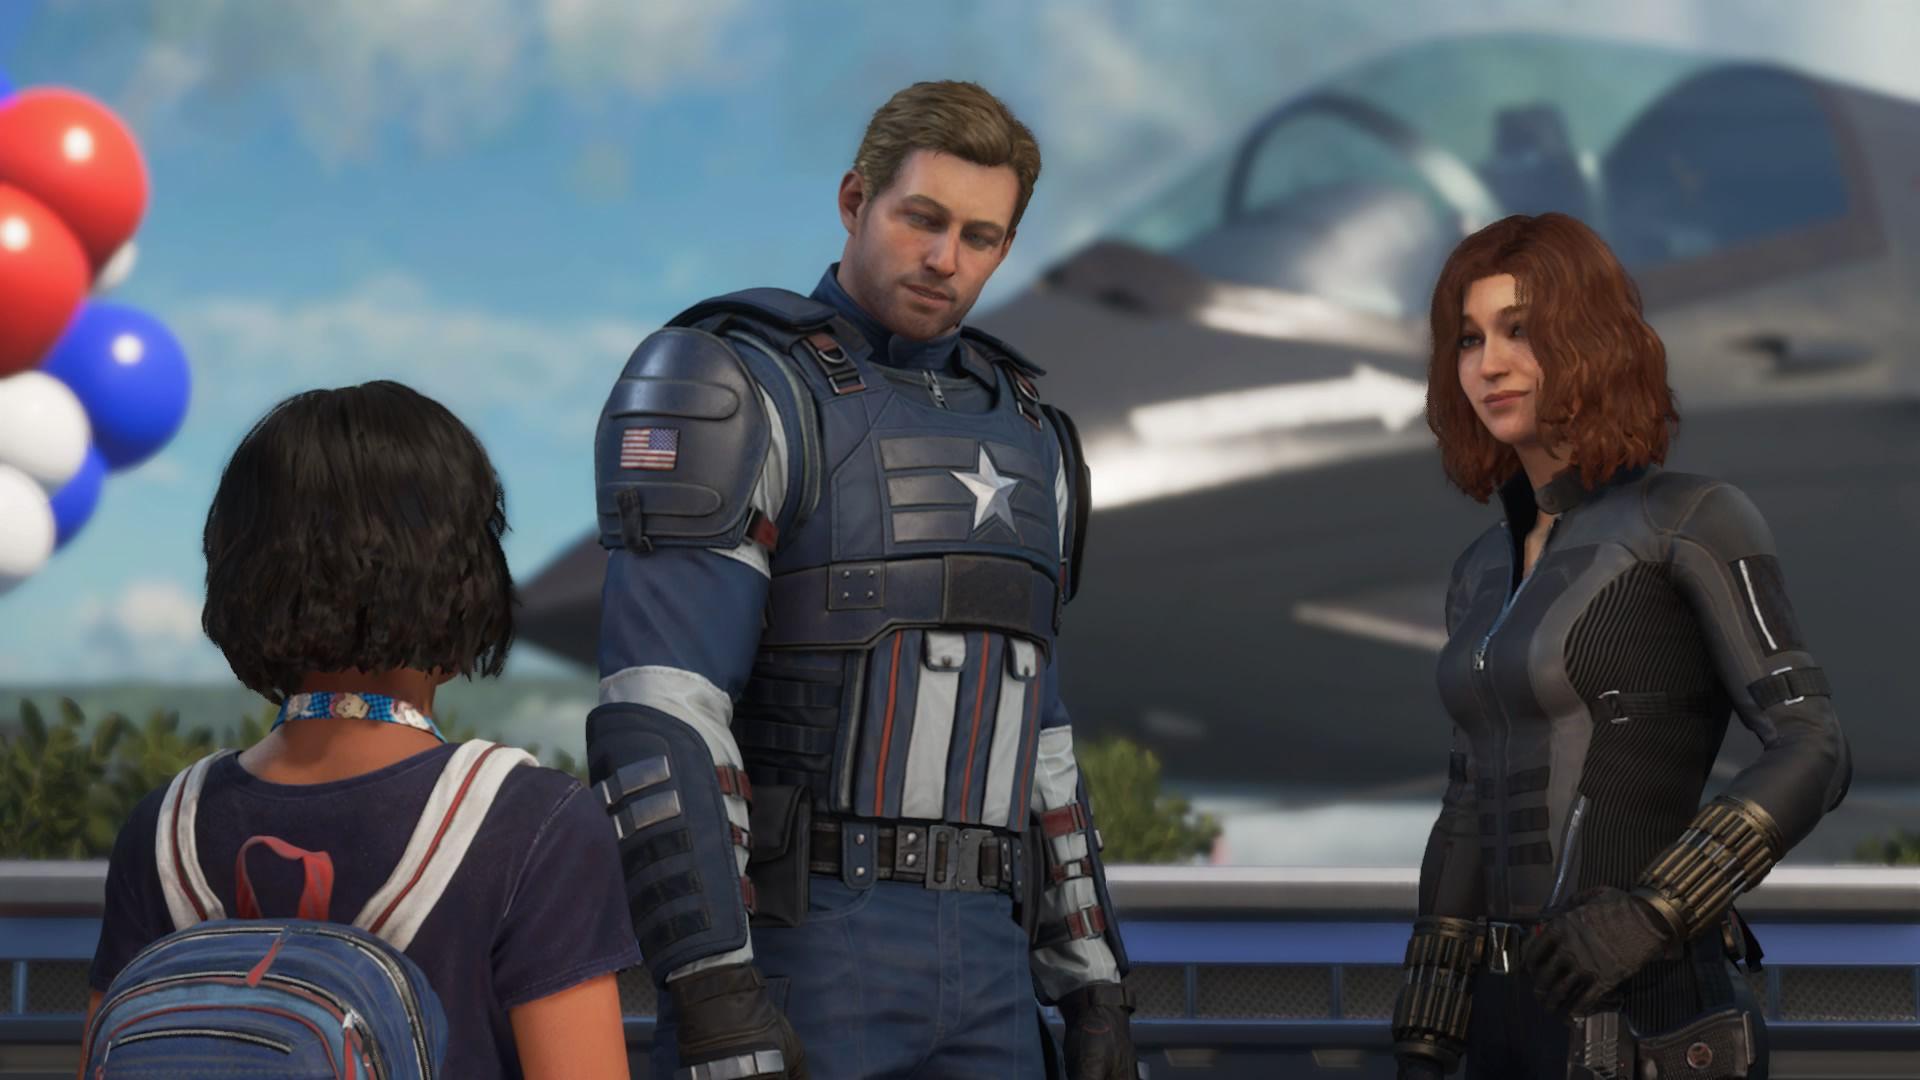 marvels-avengers-posterga-su-lanzamiento-en-ps5-y-xbox-series-x-hasta-el-2021